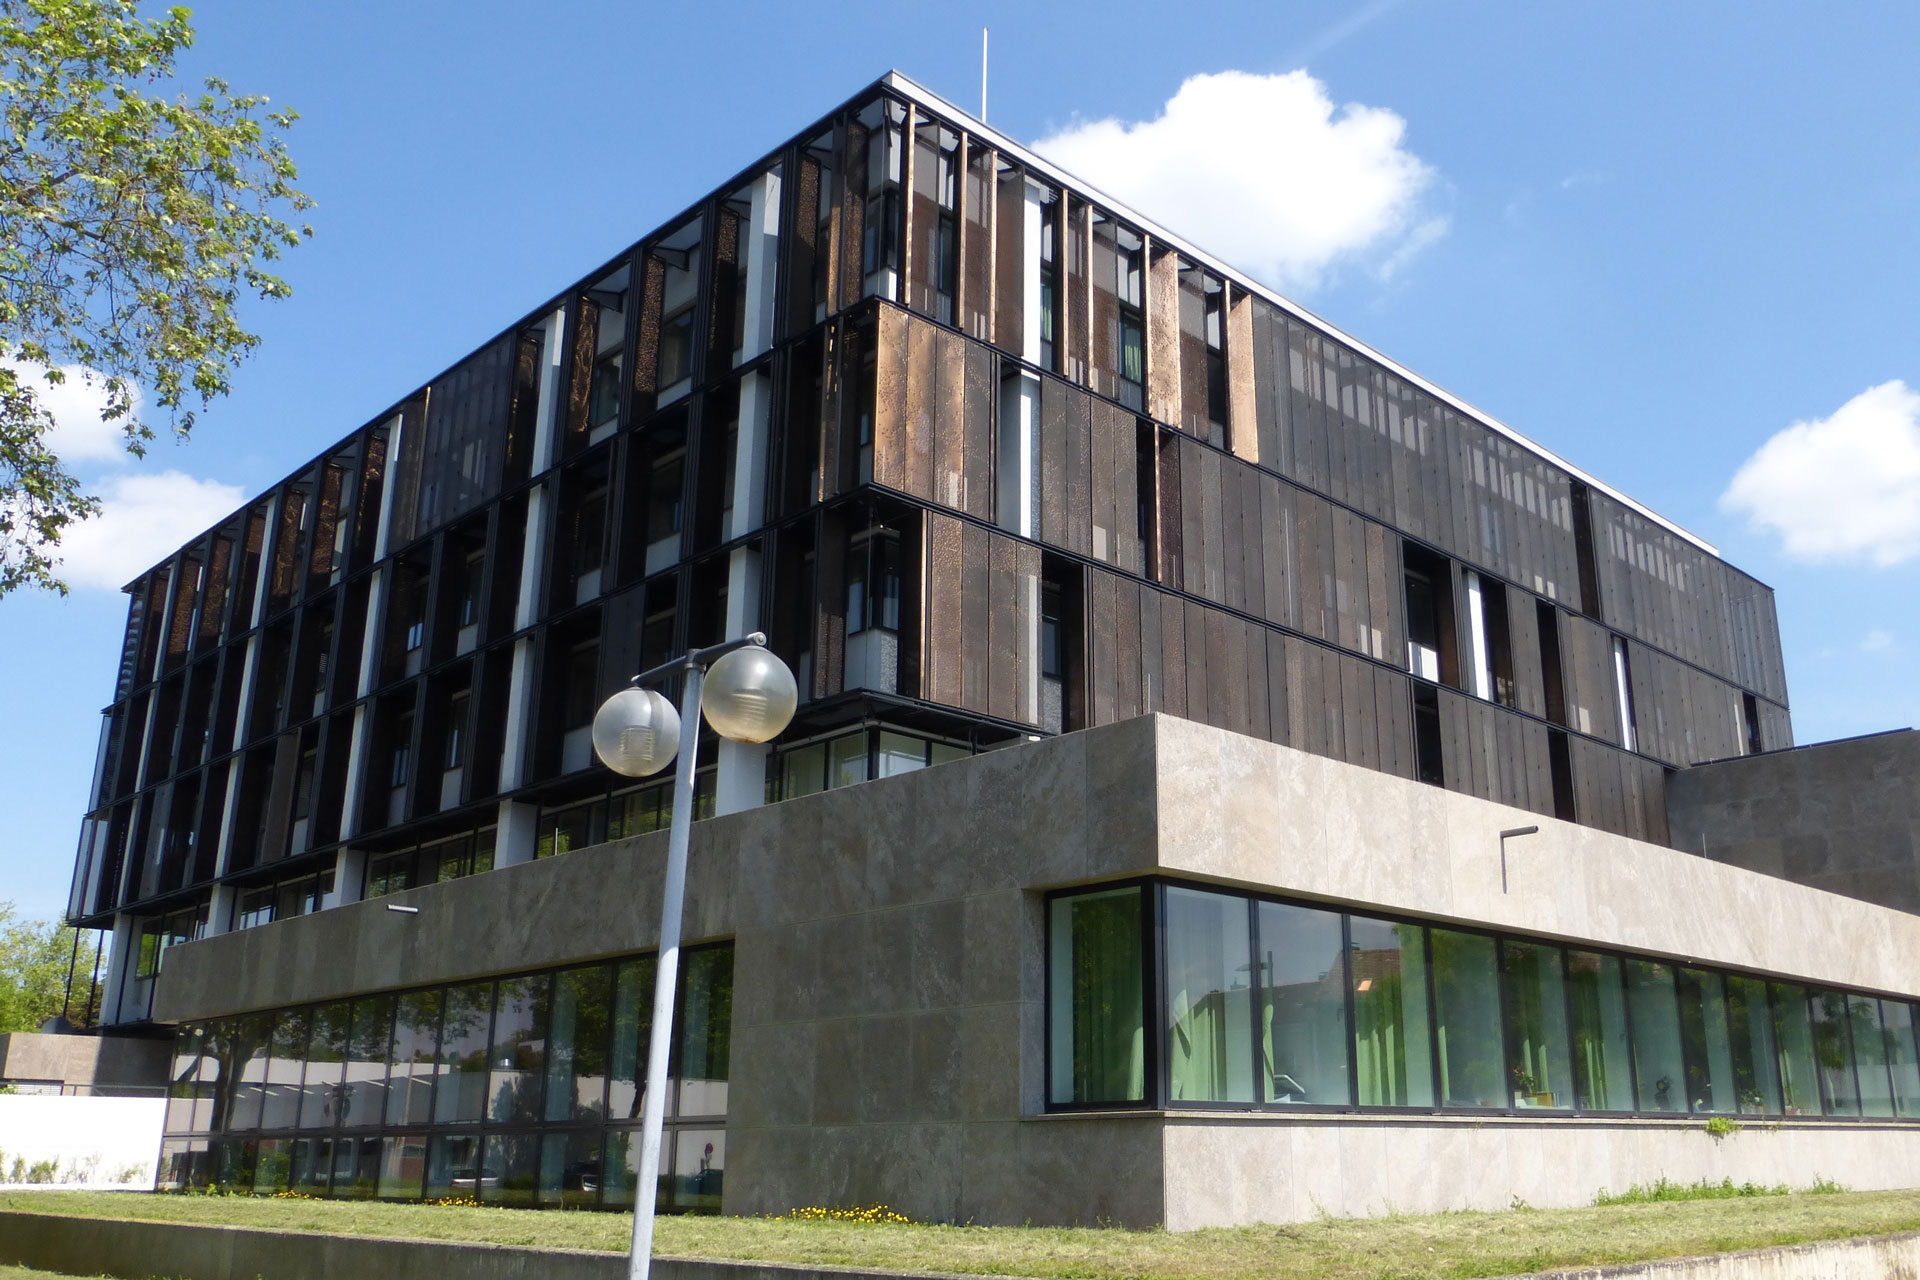 referenz_402_Rathausfassade